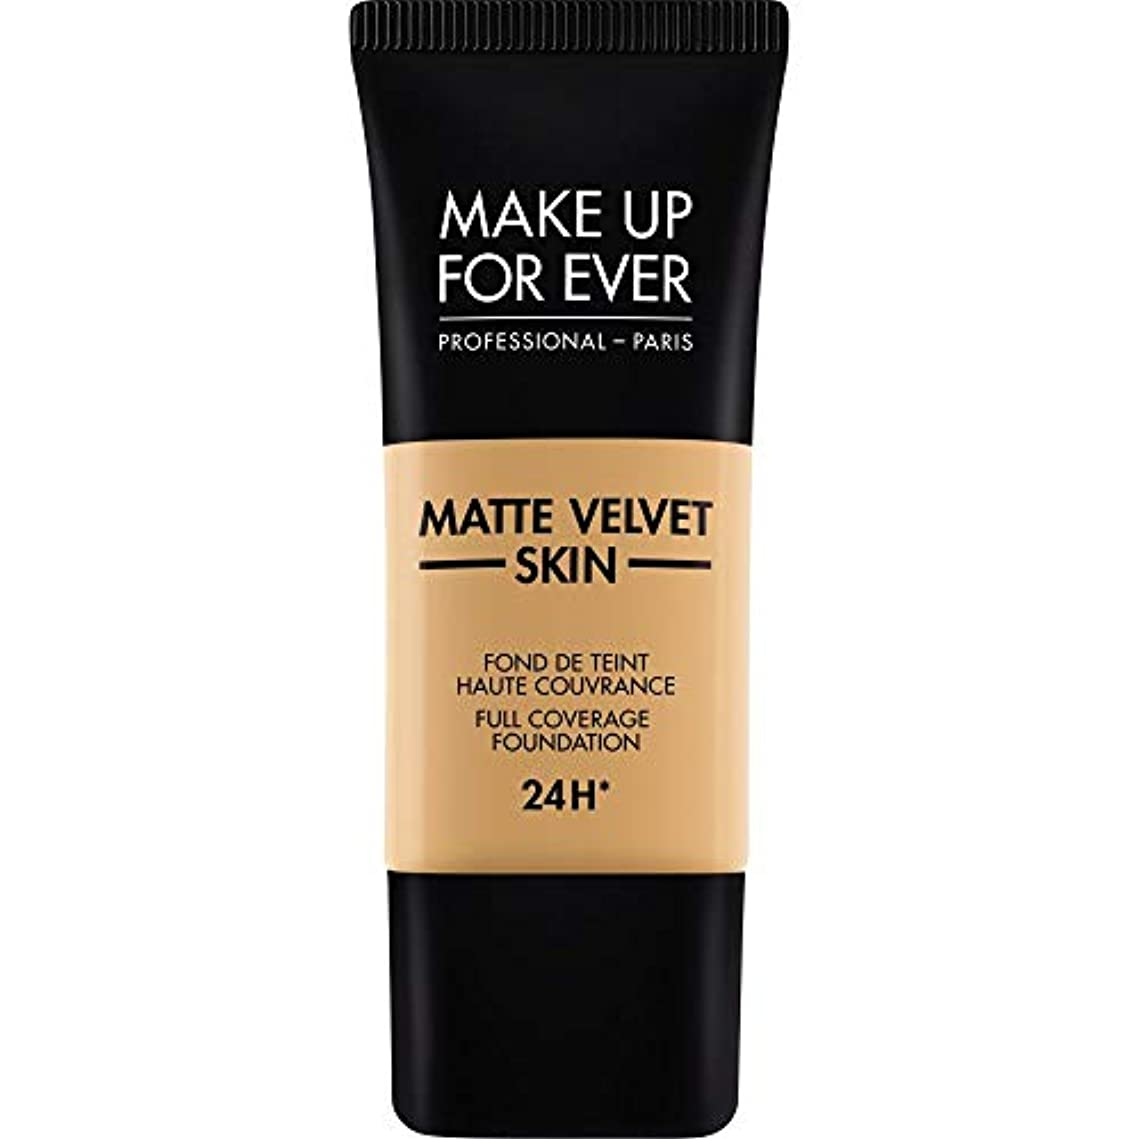 残忍な安西交換[MAKE UP FOR EVER] 黄金の蜂蜜 - これまでマットベルベットの皮膚のフルカバレッジ基礎30ミリリットルのY405を補います - MAKE UP FOR EVER Matte Velvet Skin Full Coverage Foundation 30ml Y405 - Golden Honey [並行輸入品]